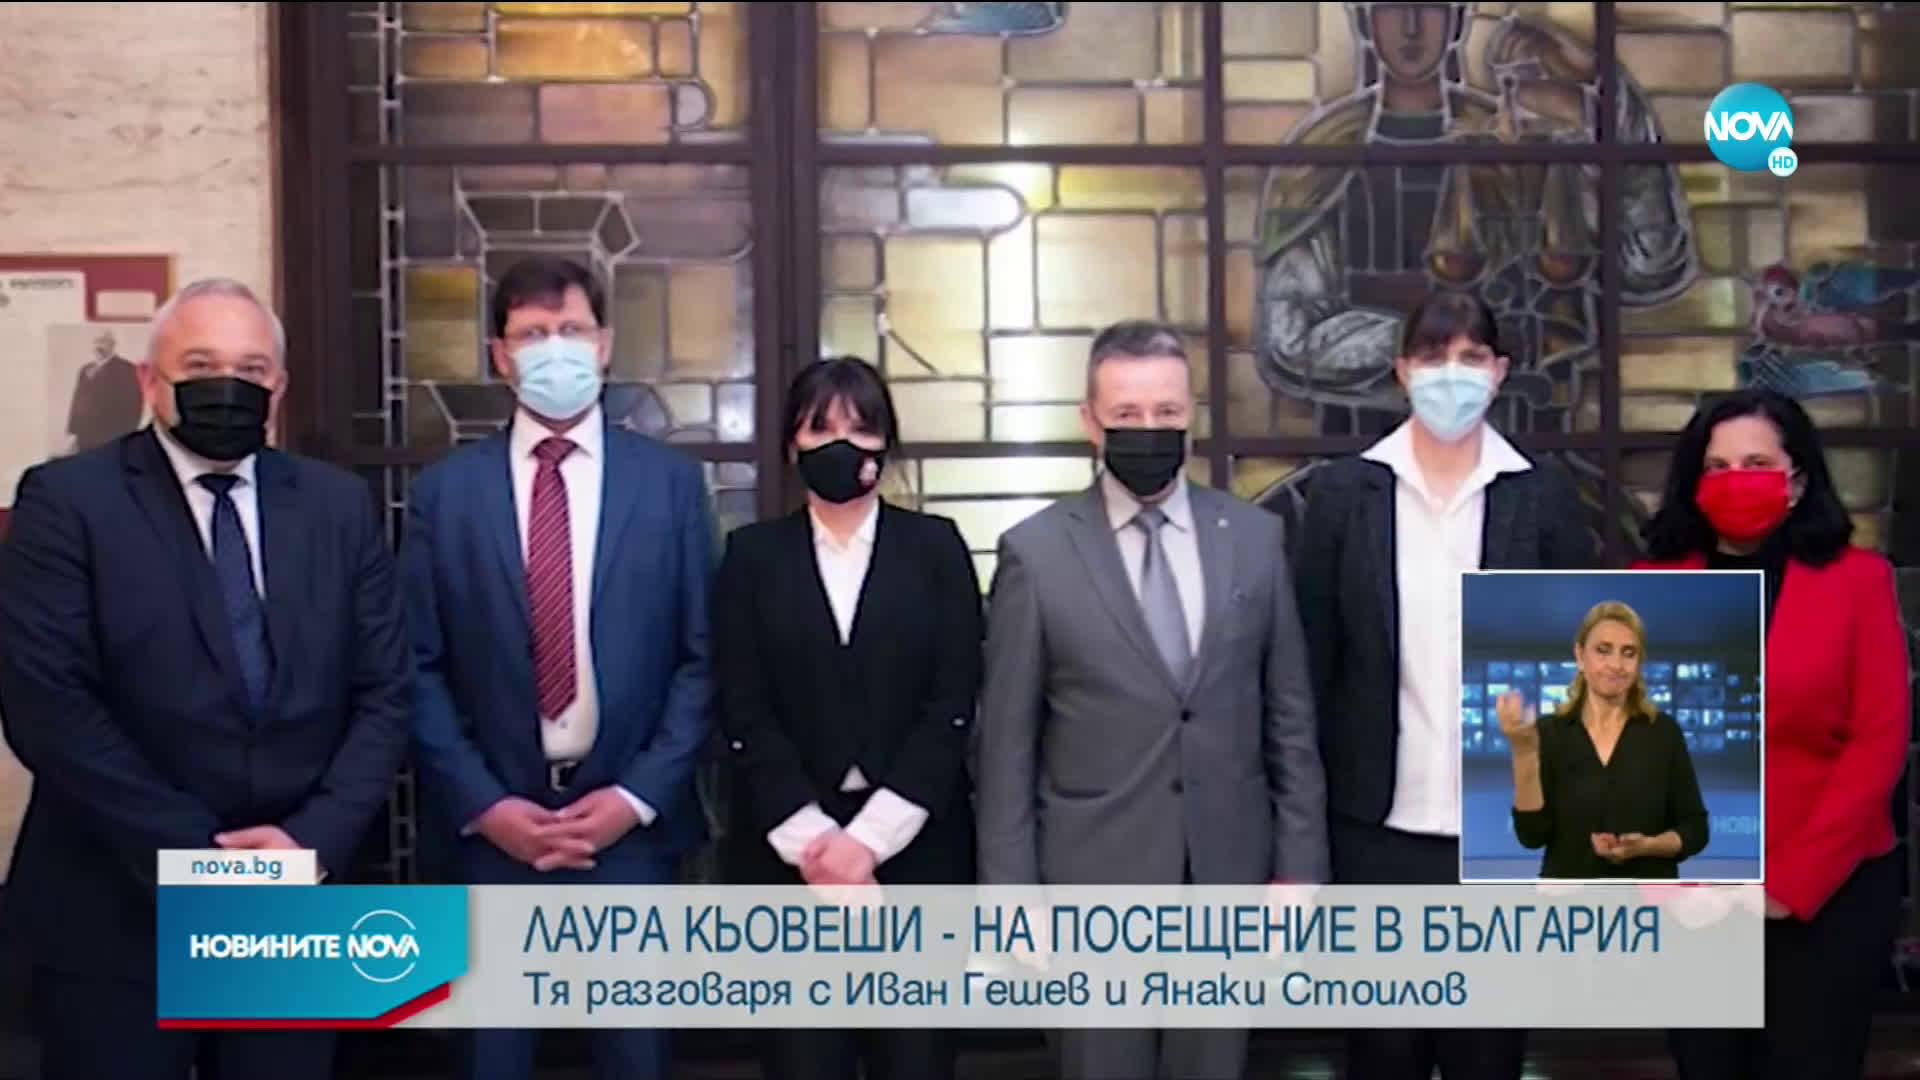 Лаура Кьовеши се срещна с Иван Гешев и Янаки Стоилов